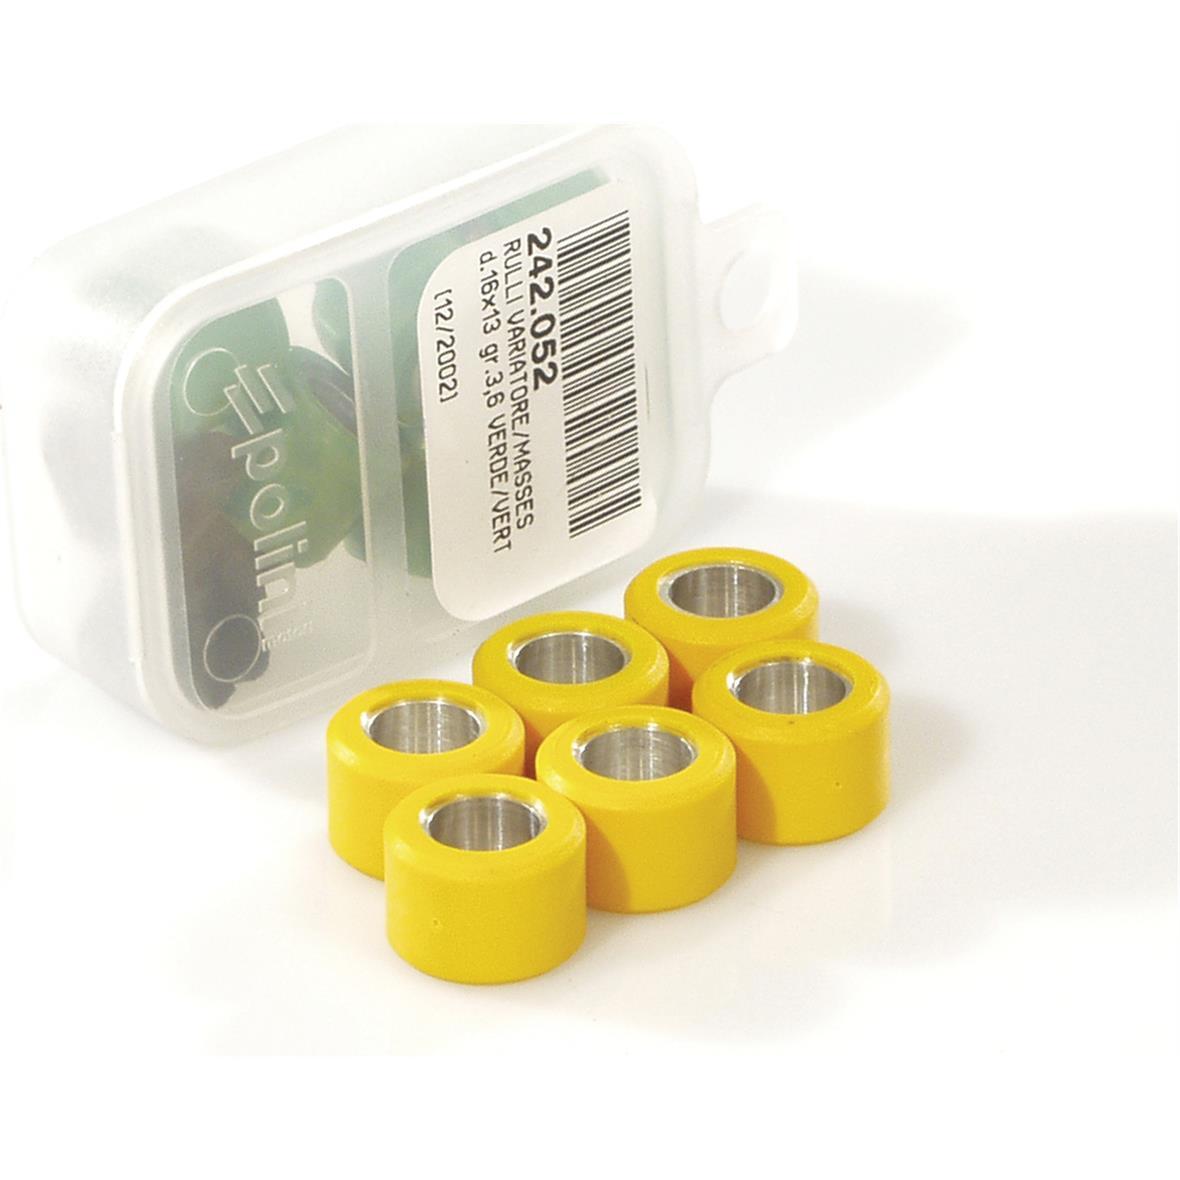 「バリエーター ロール POLINI 17x12 mm 2,8 (グラム)Title」の製品画像